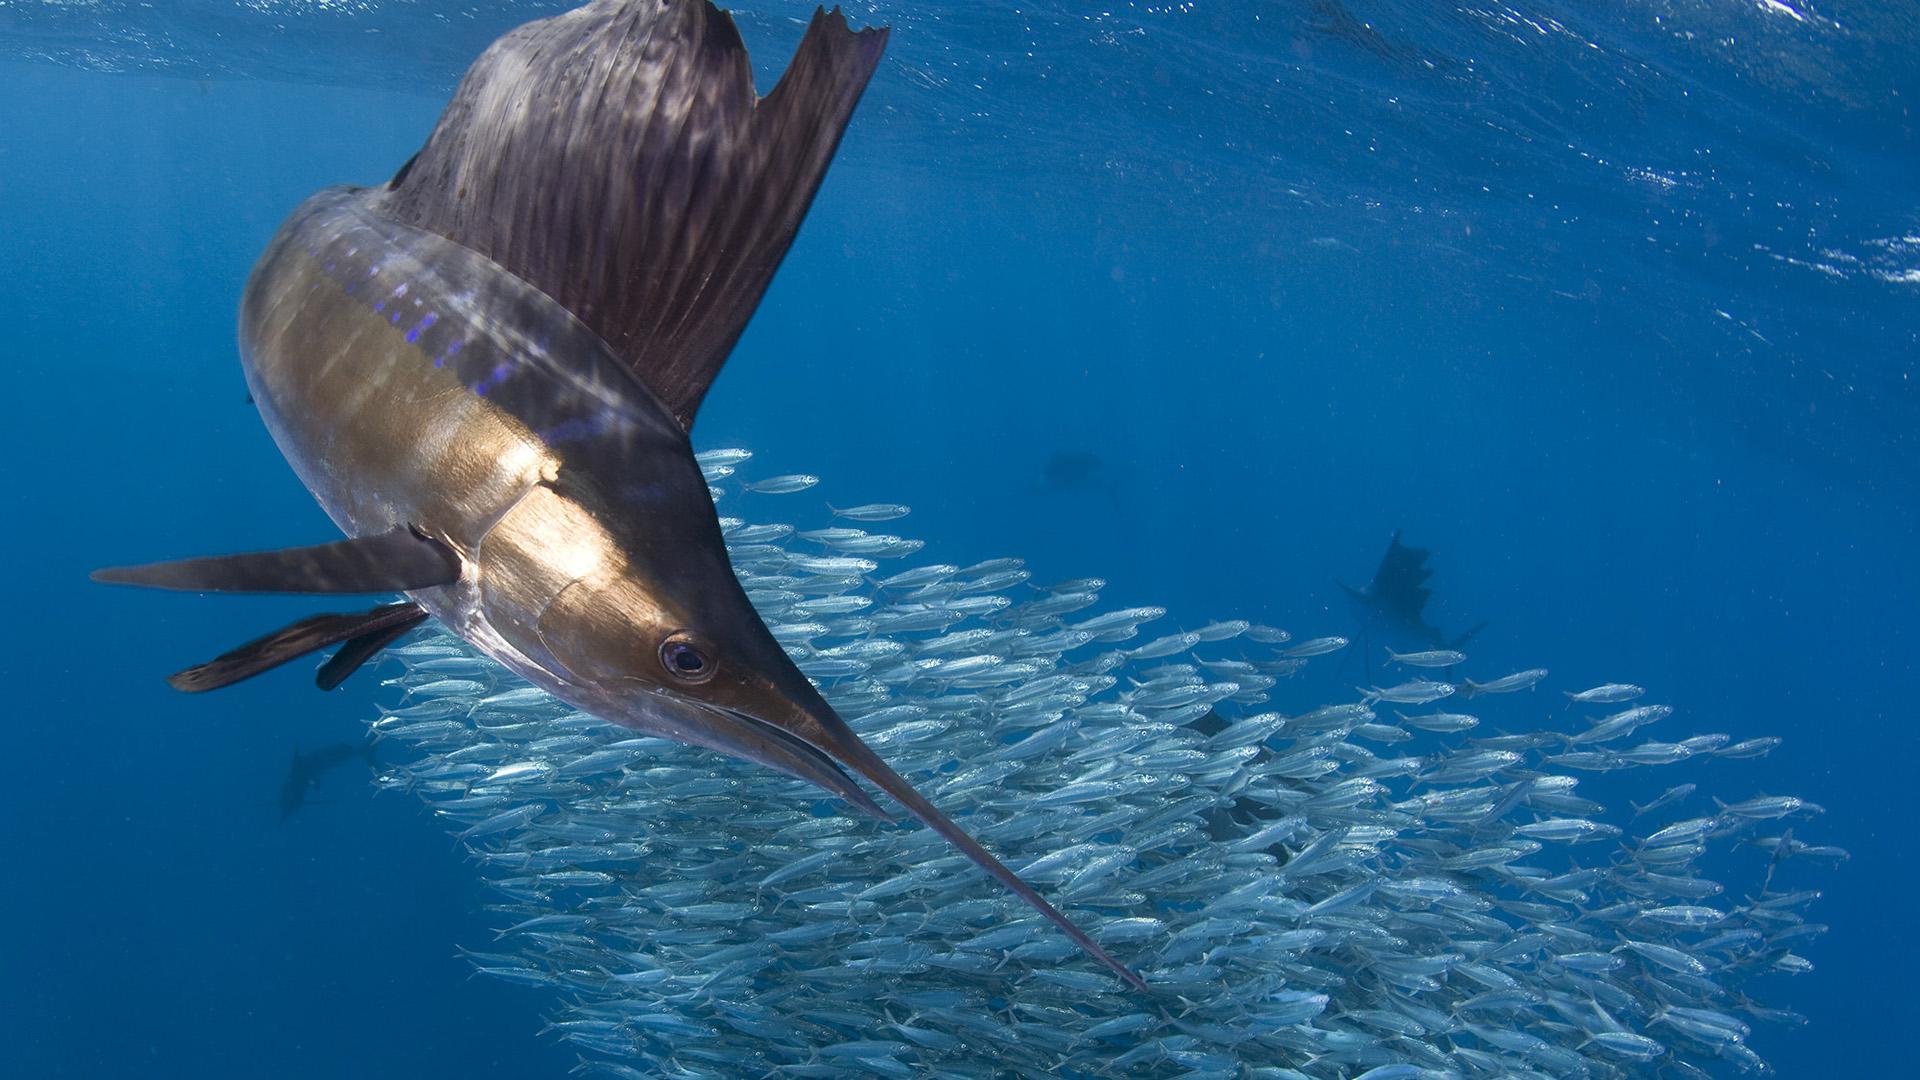 萌宠动物,海底世界,鱼群,深海,剑鱼